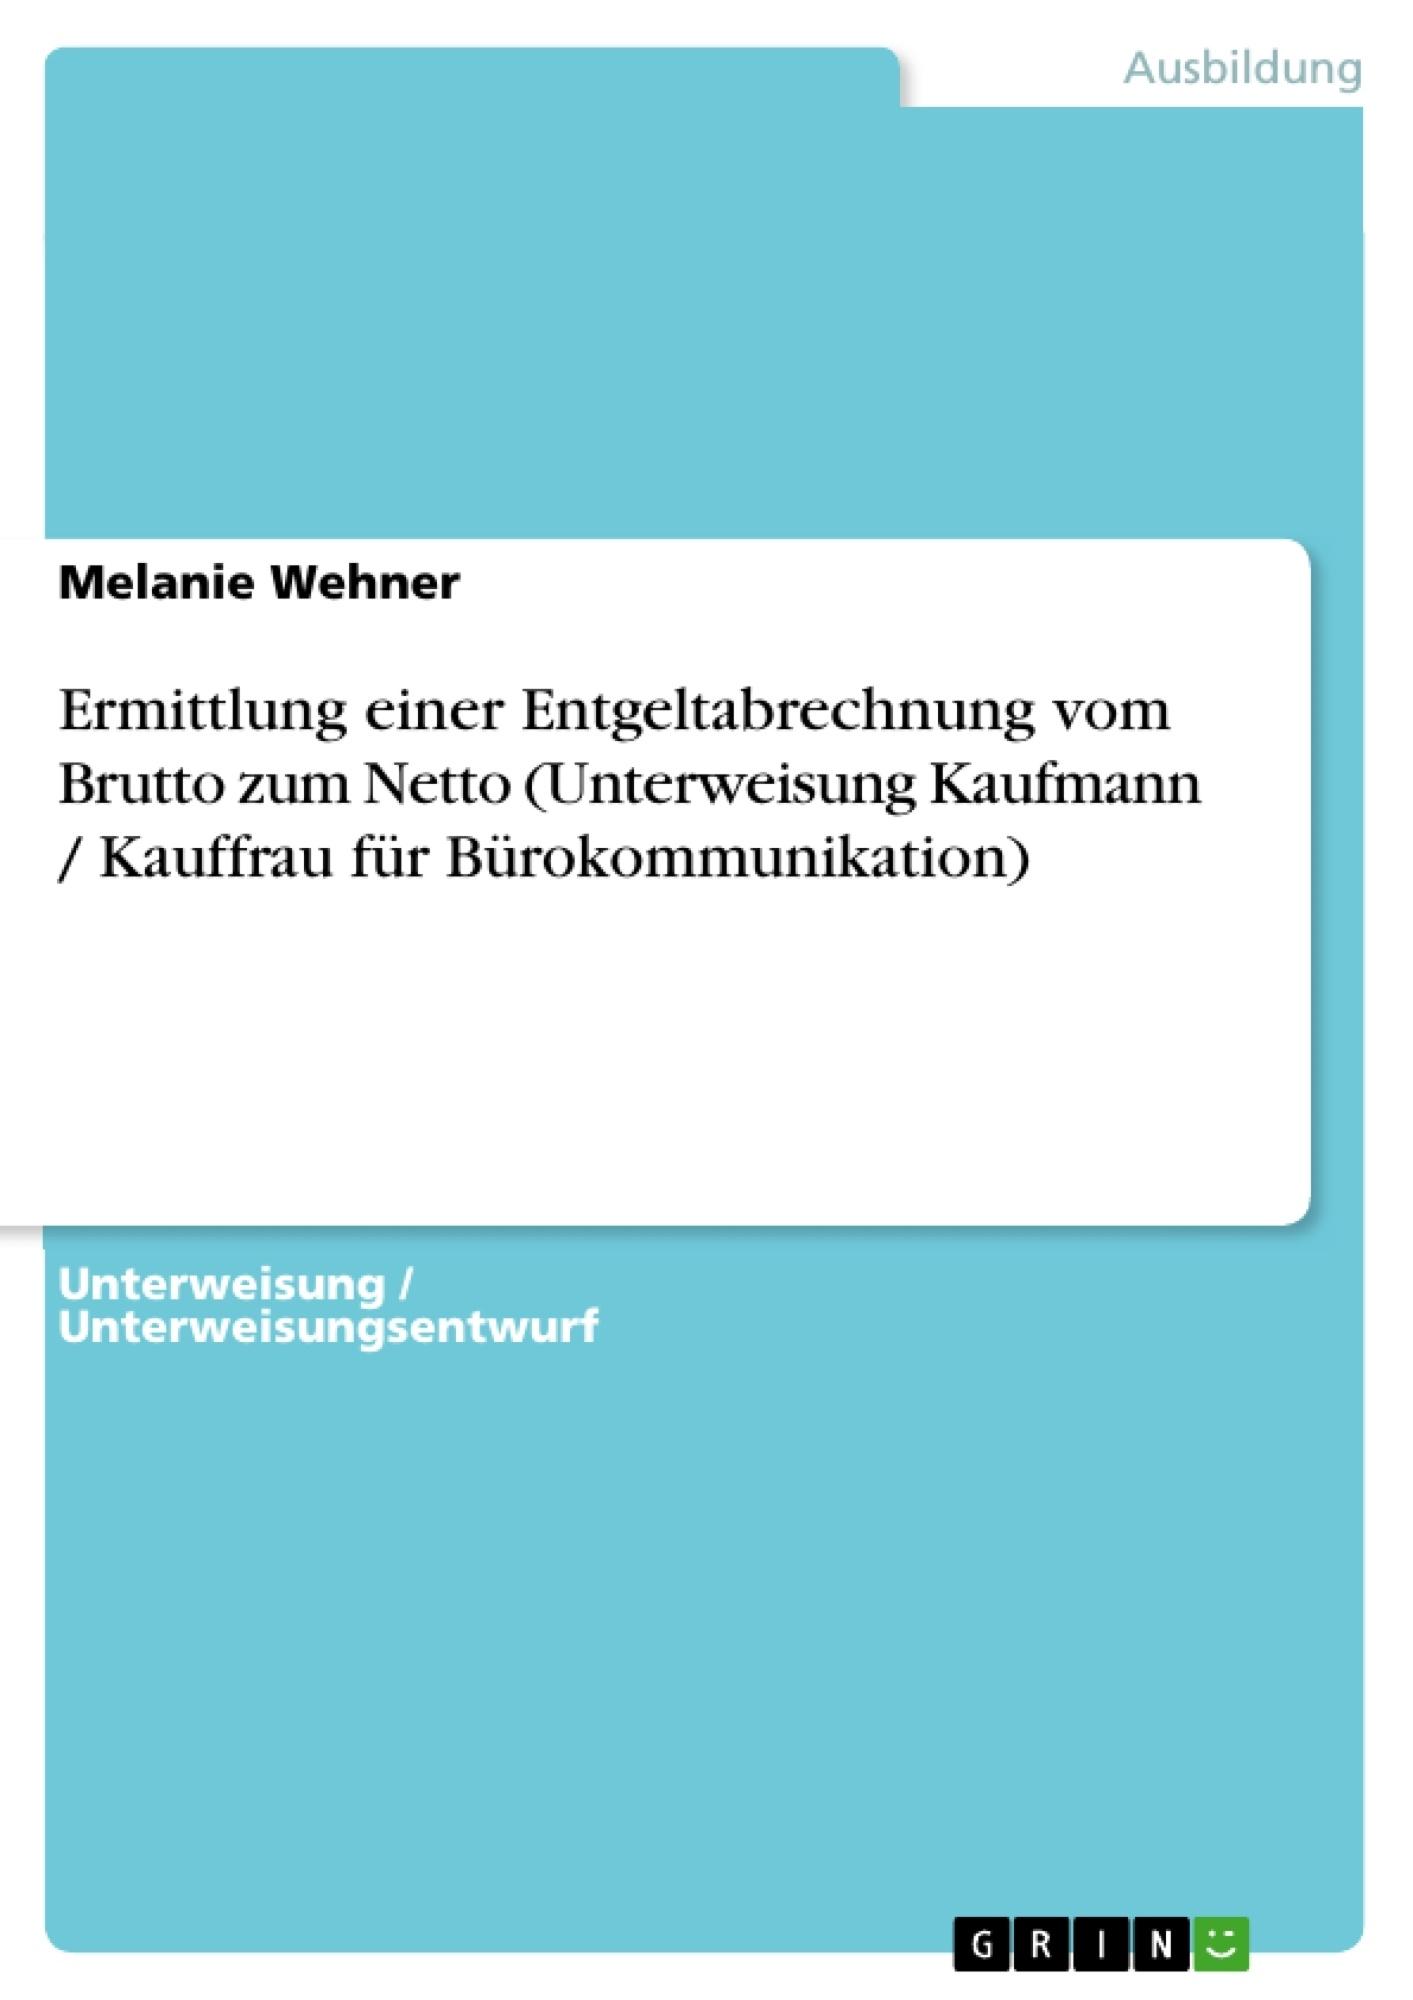 Titel: Ermittlung einer Entgeltabrechnung vom Brutto zum Netto (Unterweisung Kaufmann / Kauffrau für Bürokommunikation)